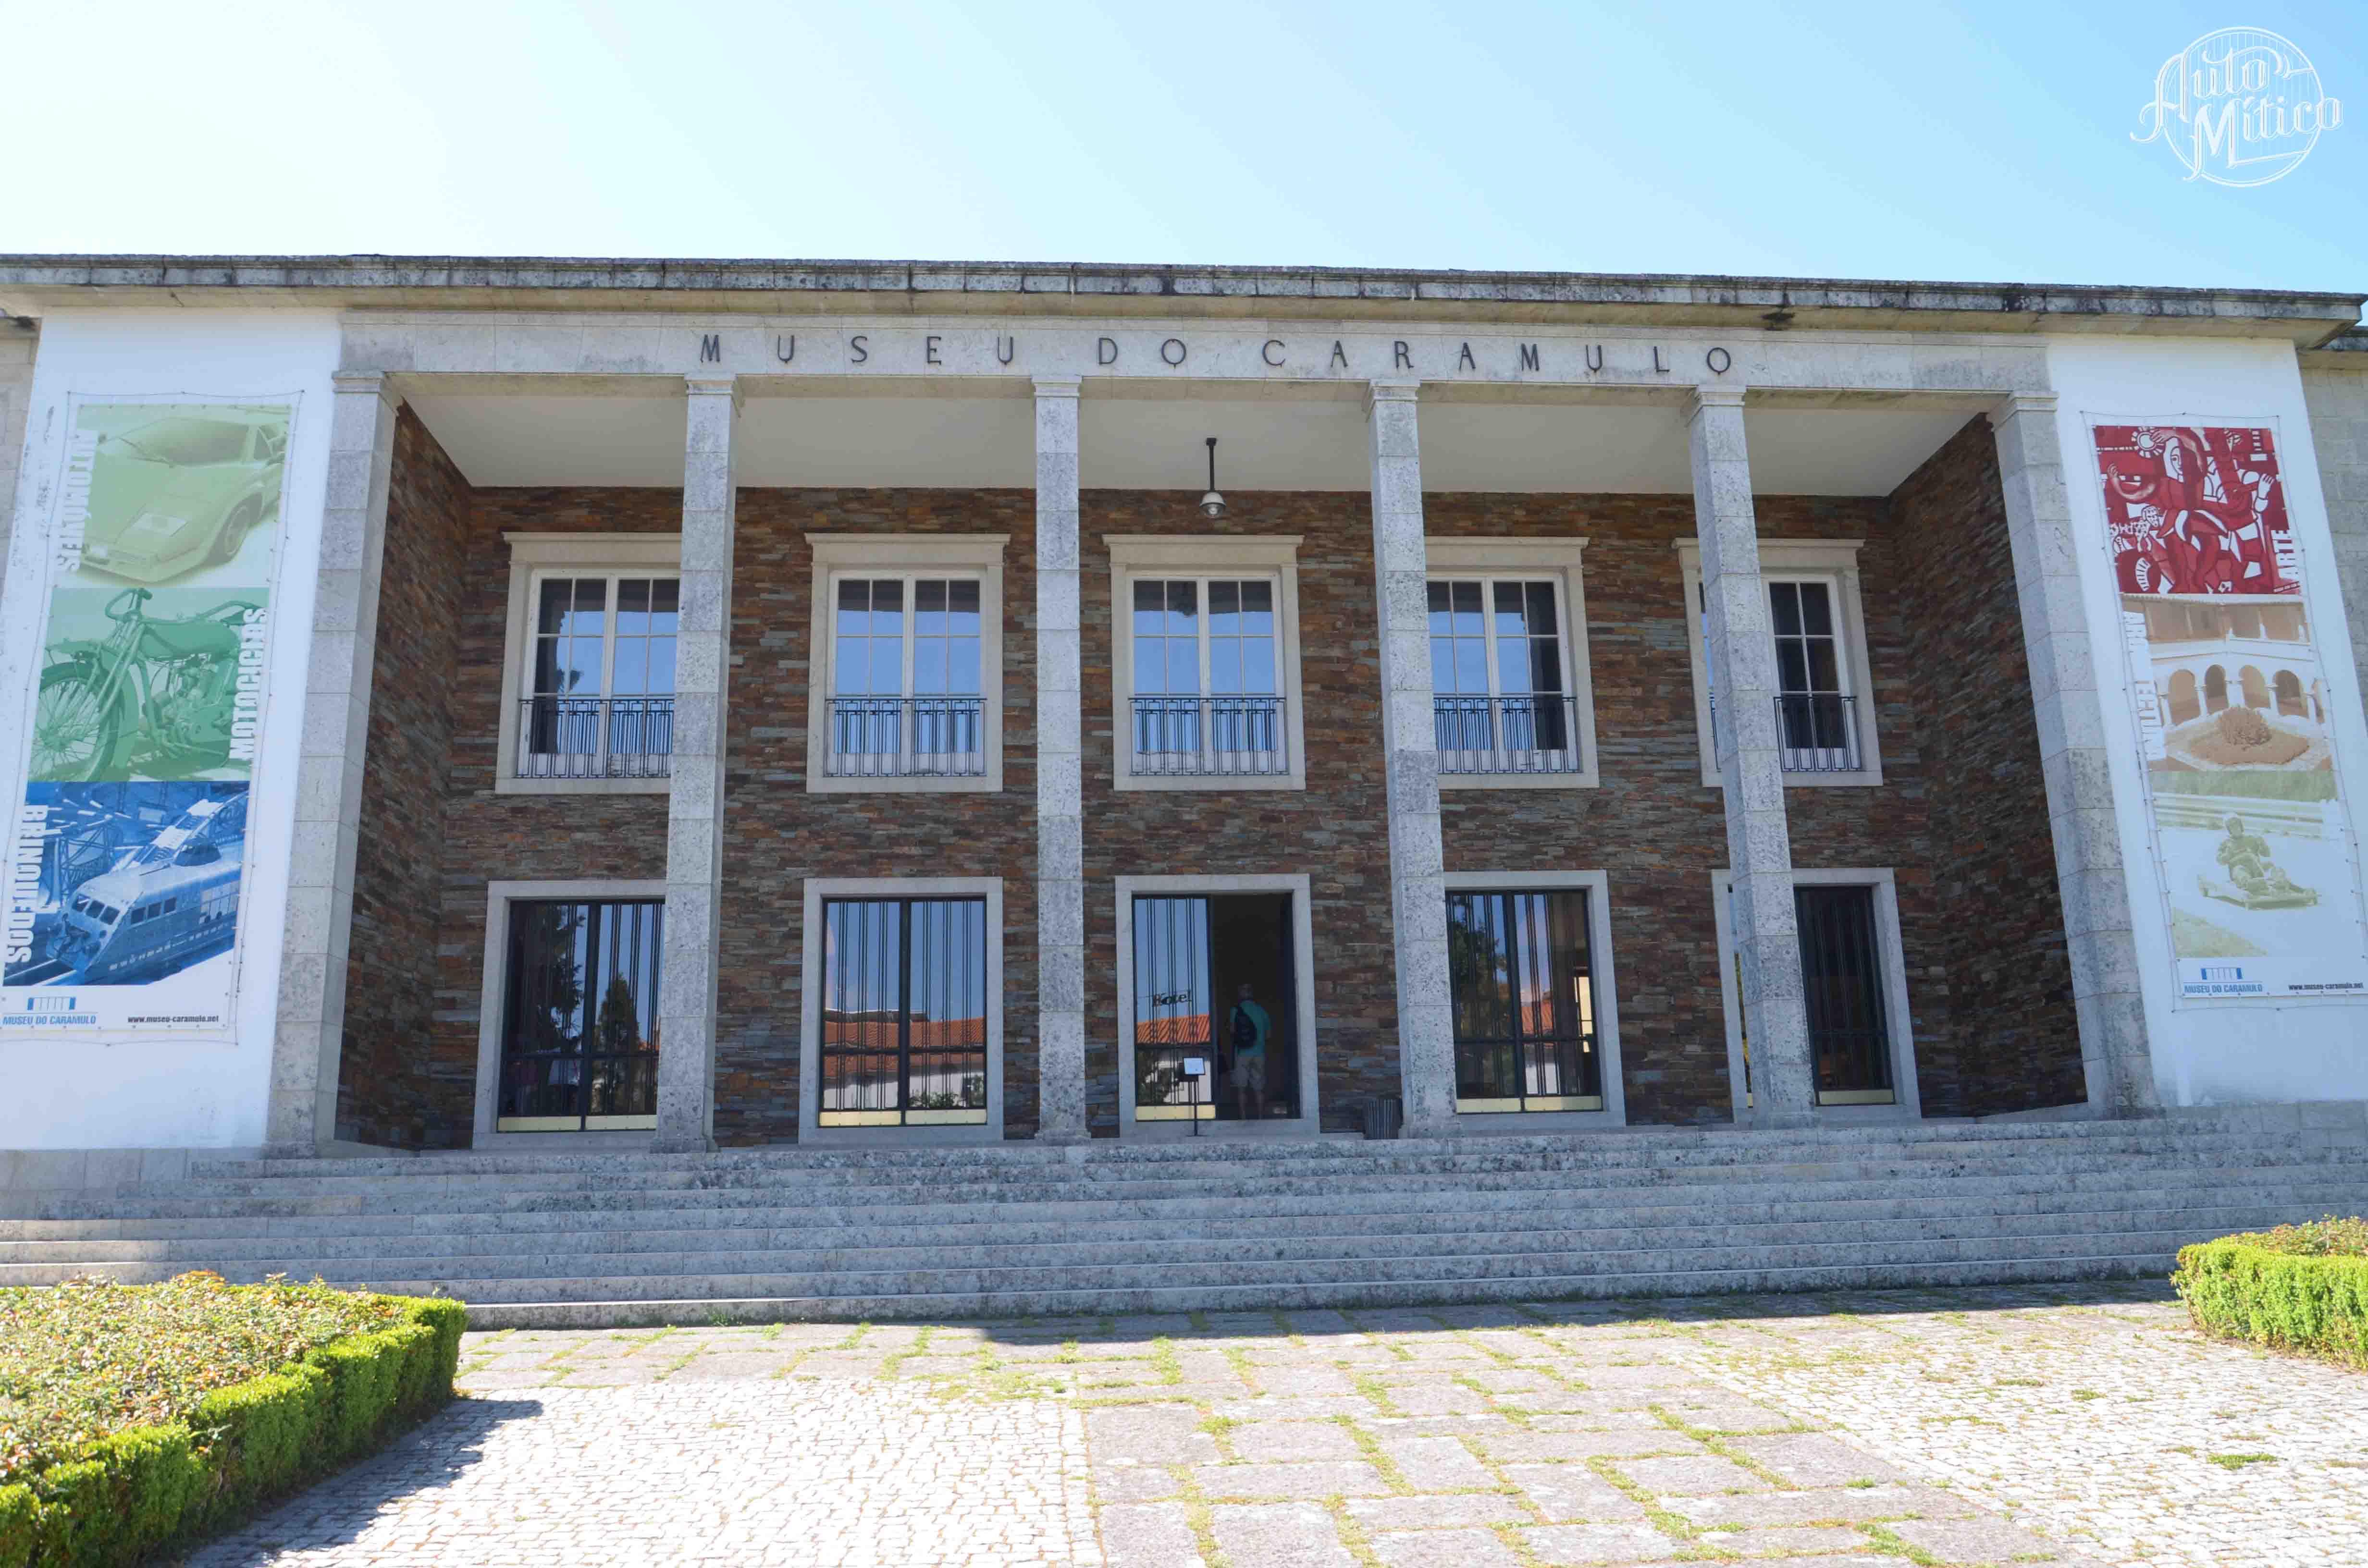 Automitico Caramulo Museo Do Caramulo